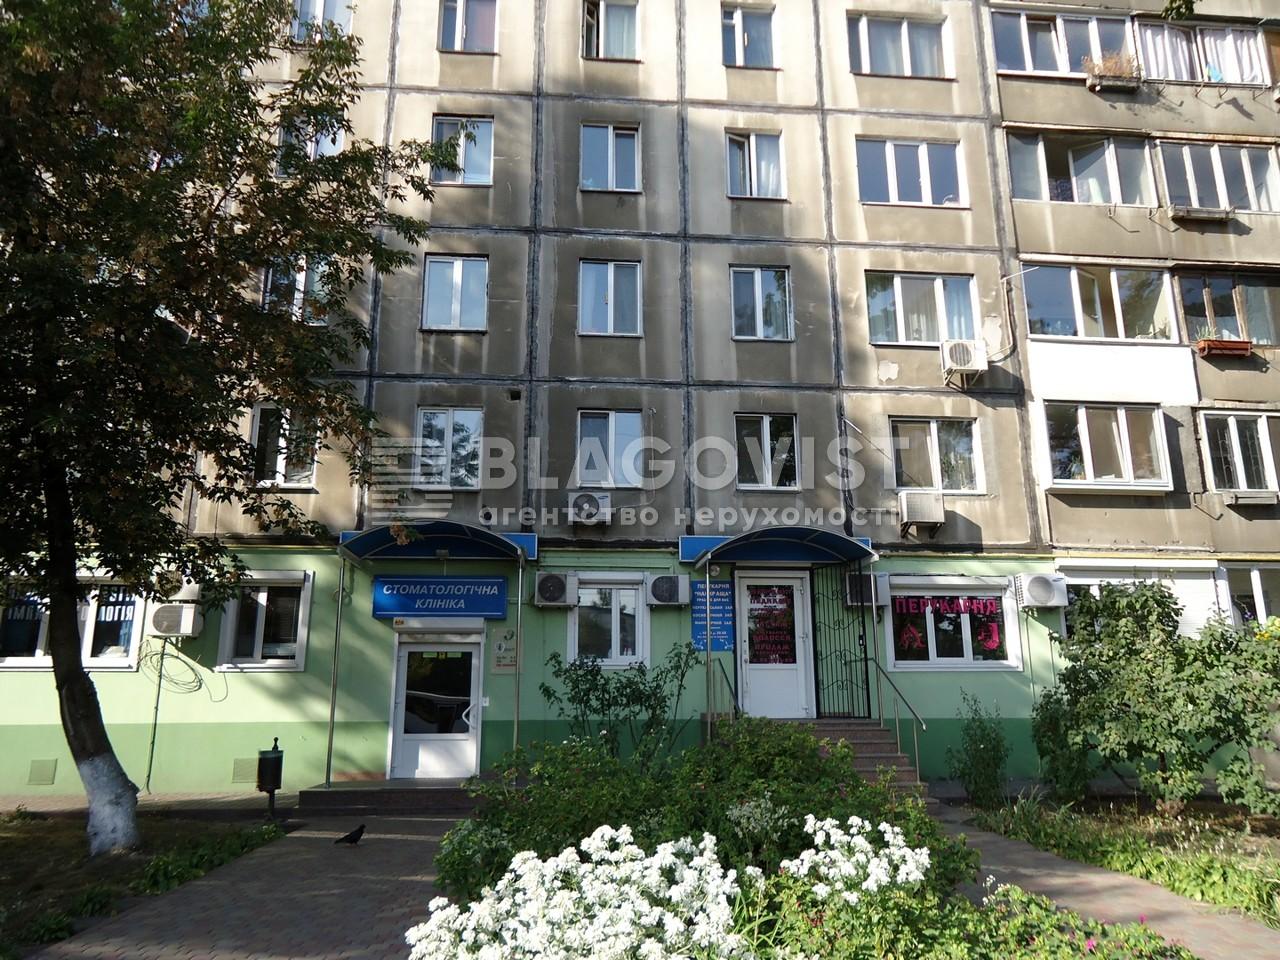 Квартира D-11383, Миропольская, 3, Киев - Фото 1